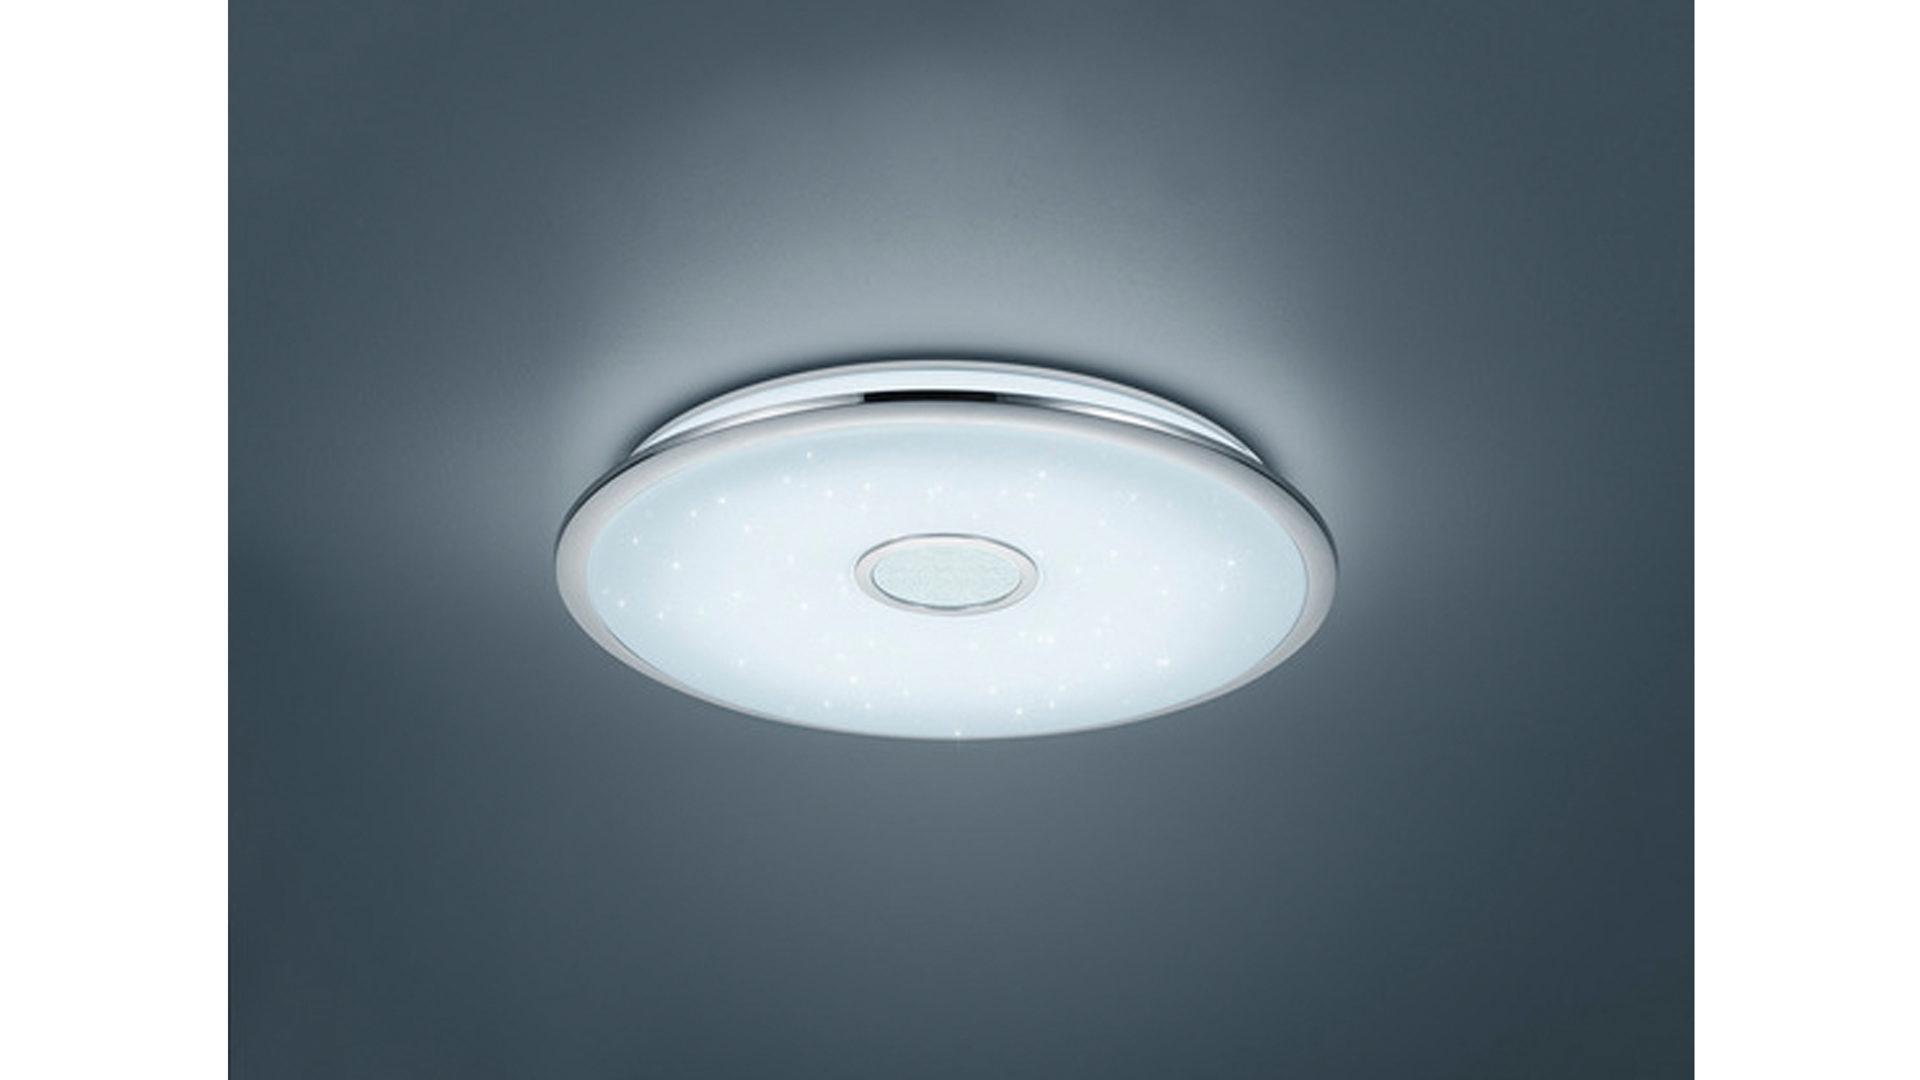 lampen wohnzimmer glas : Wohnland Breitwieser R Ume Wohnzimmer Lampen Leuchten